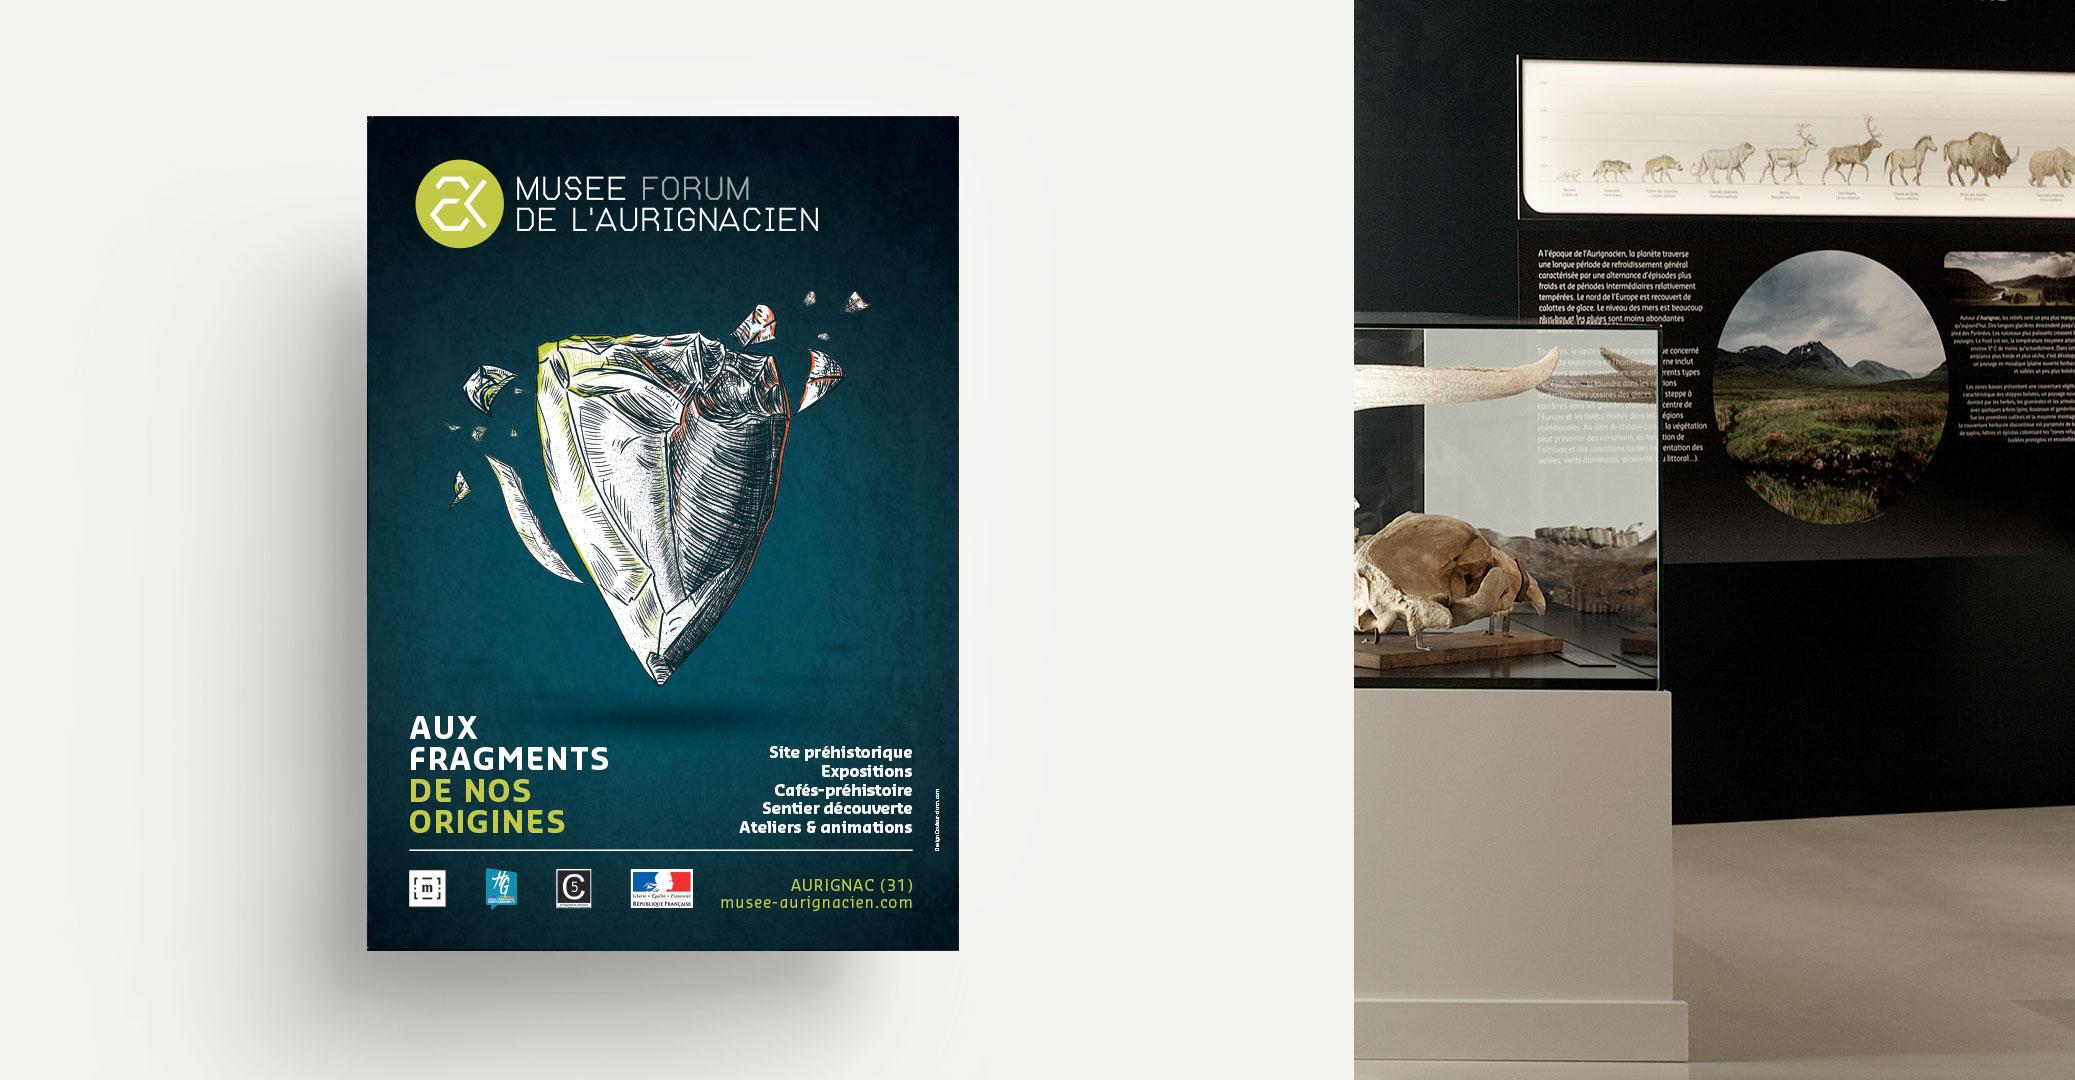 musee_aurignacien-affiche